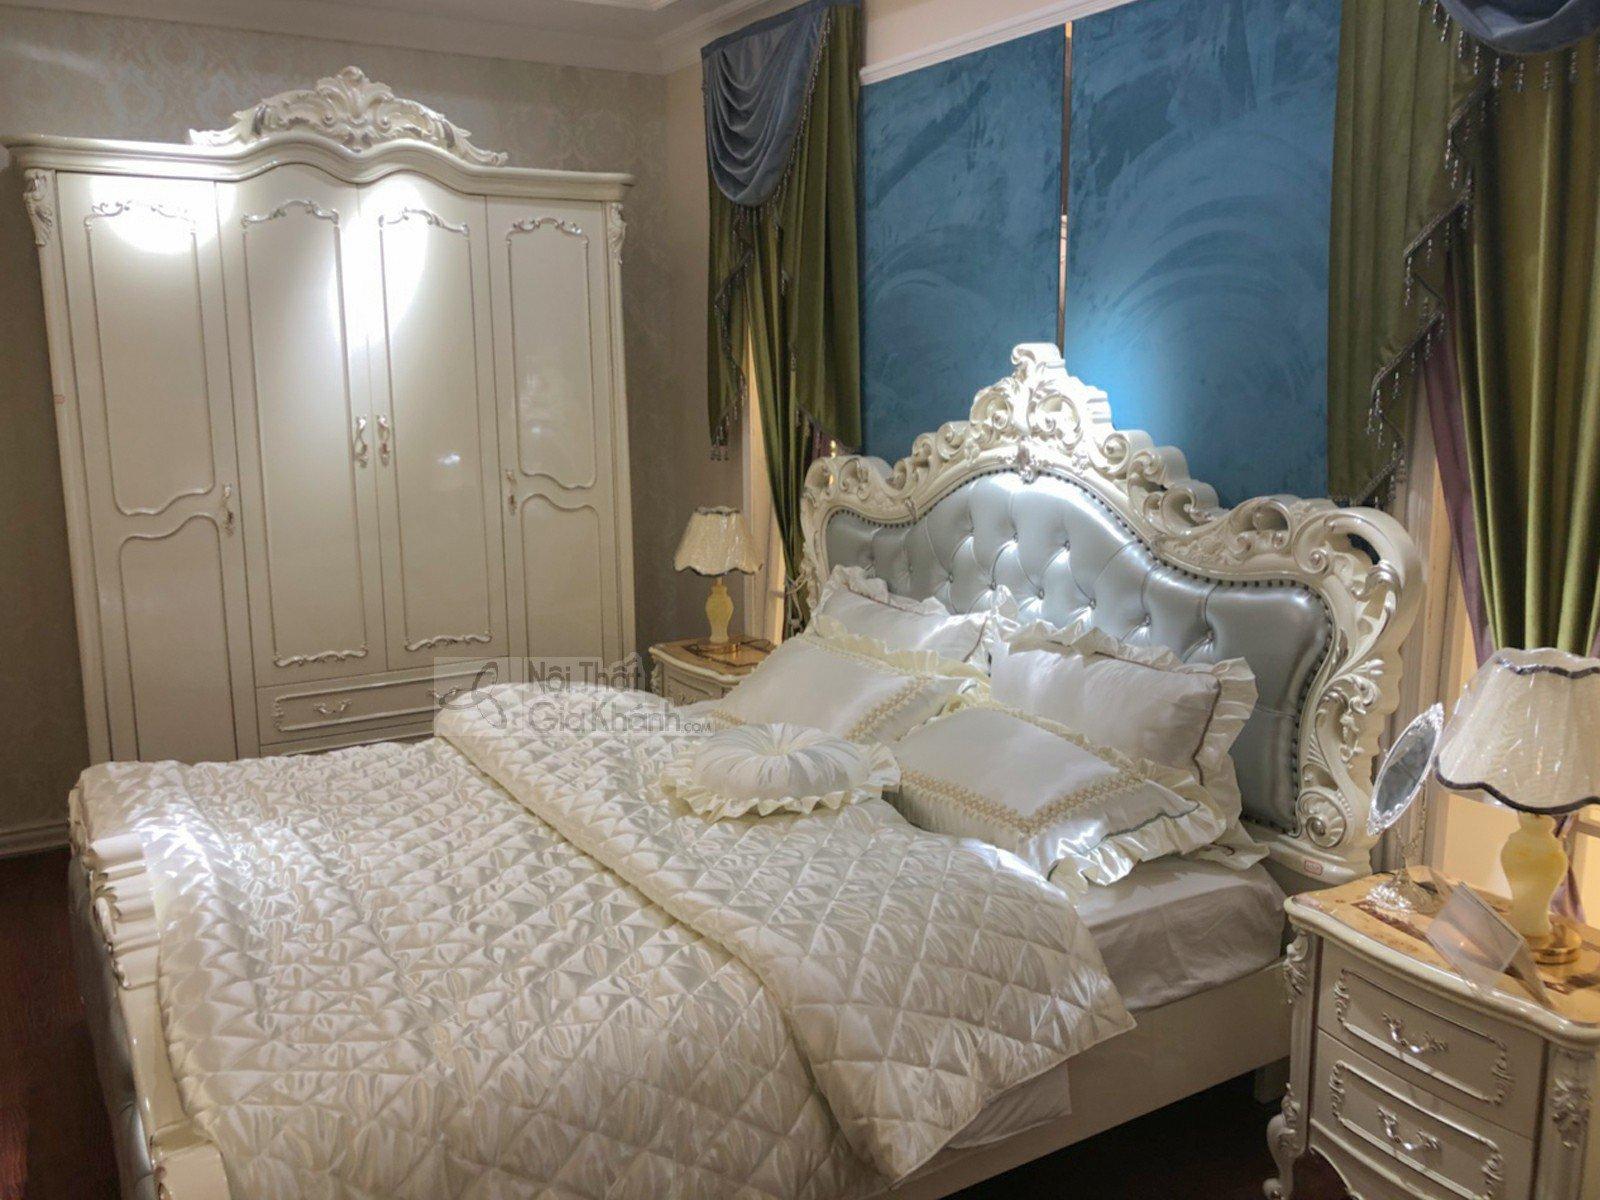 giuong ngu tan co dien phong cach phap gi8803h 3 - Giường ngủ tân cổ điển phong cách Pháp GI8803H